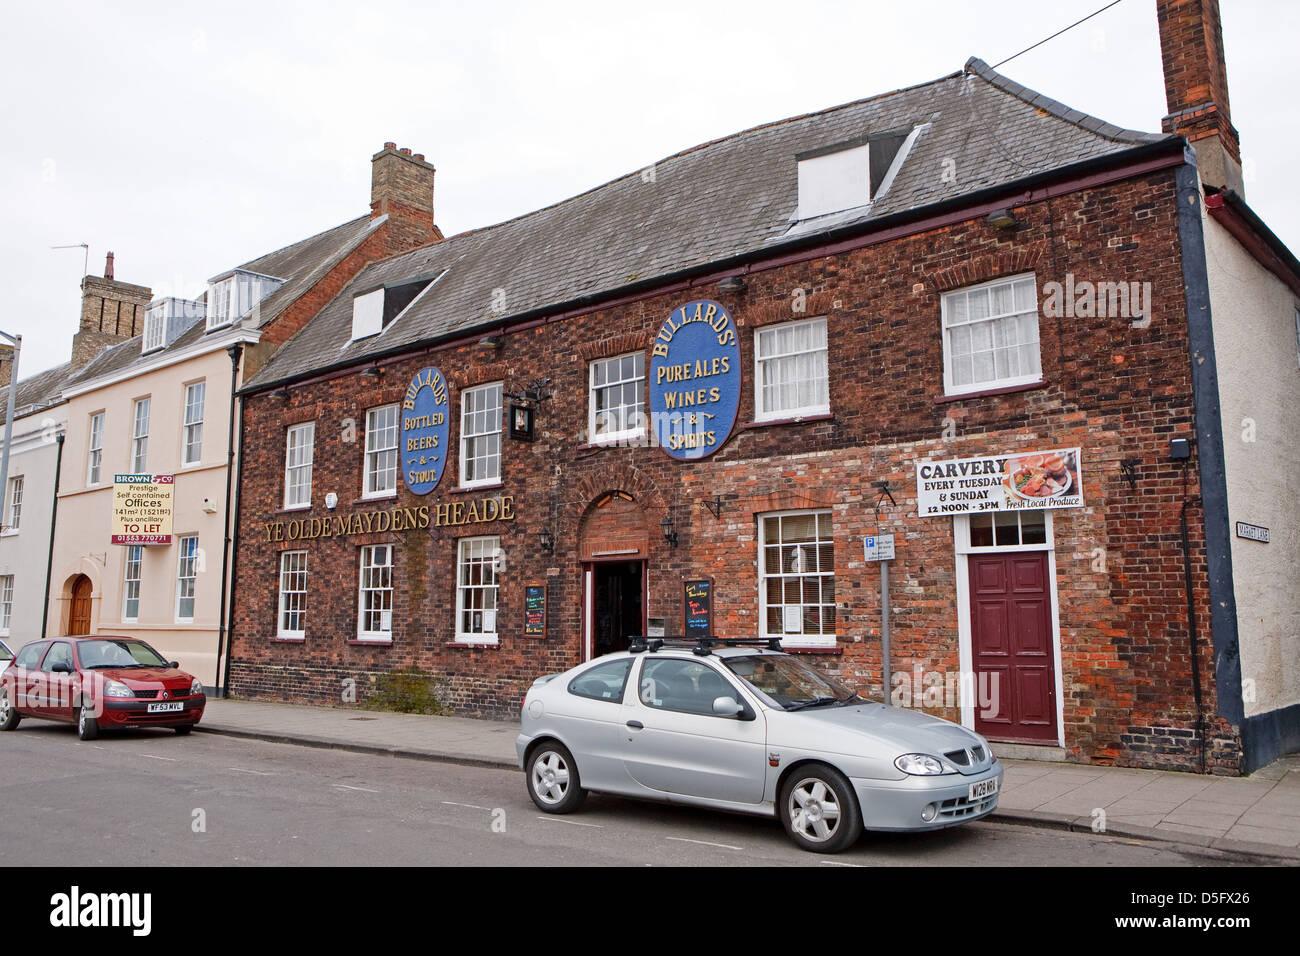 Ye Olde Maydens Heade in Kings Lynn Norfolk England - Stock Image